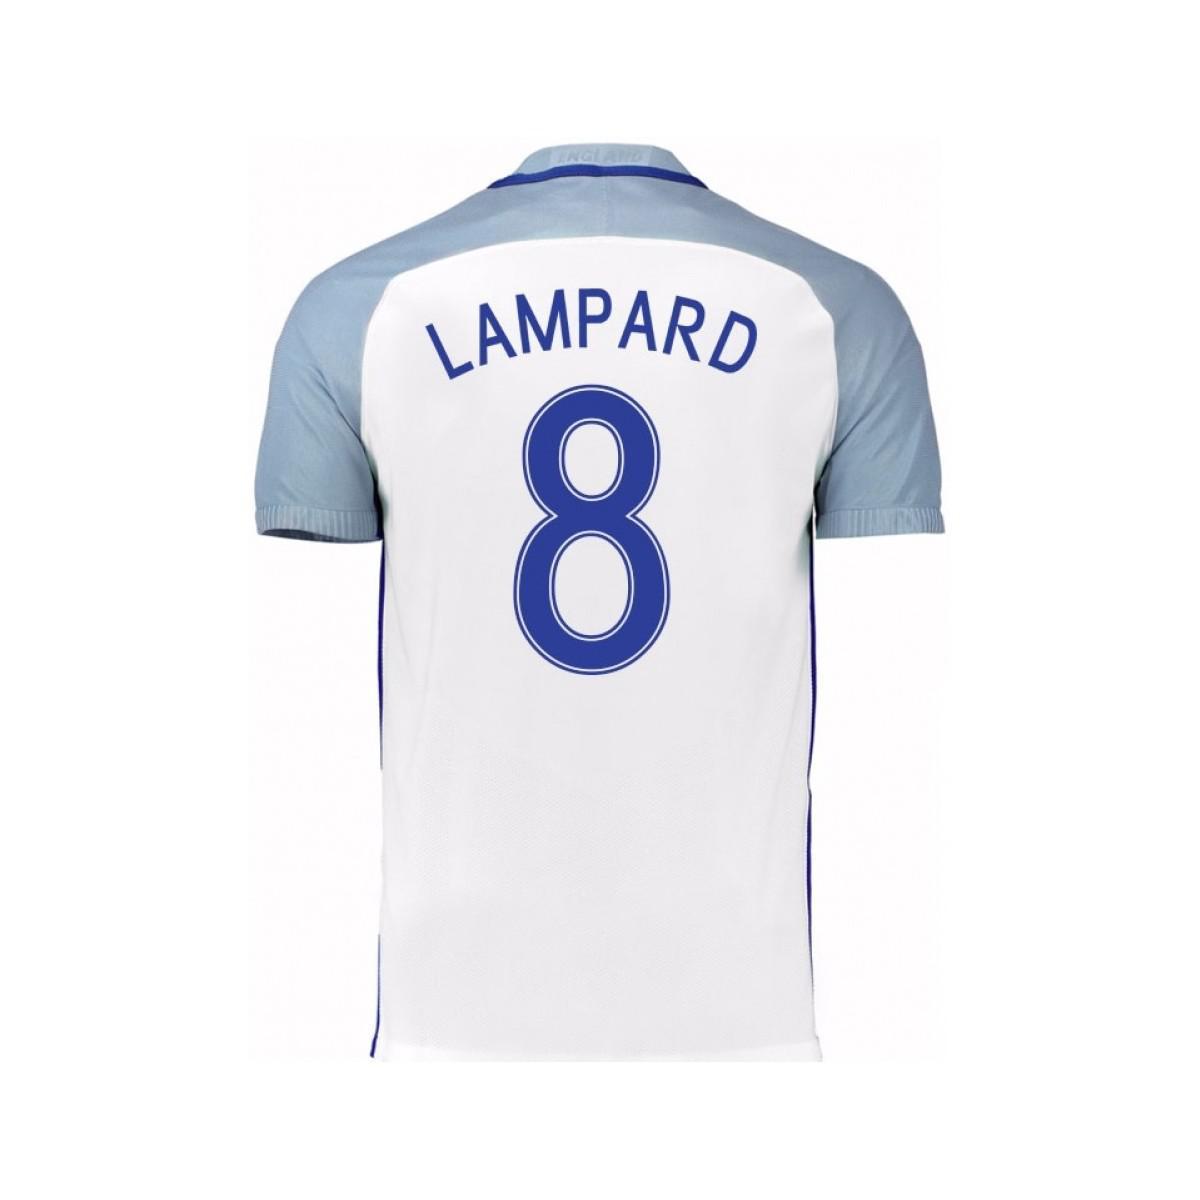 916805c2 Nike 2016-17 England Home Shirt (lampard 8) - Kids Women's T Shirt ...